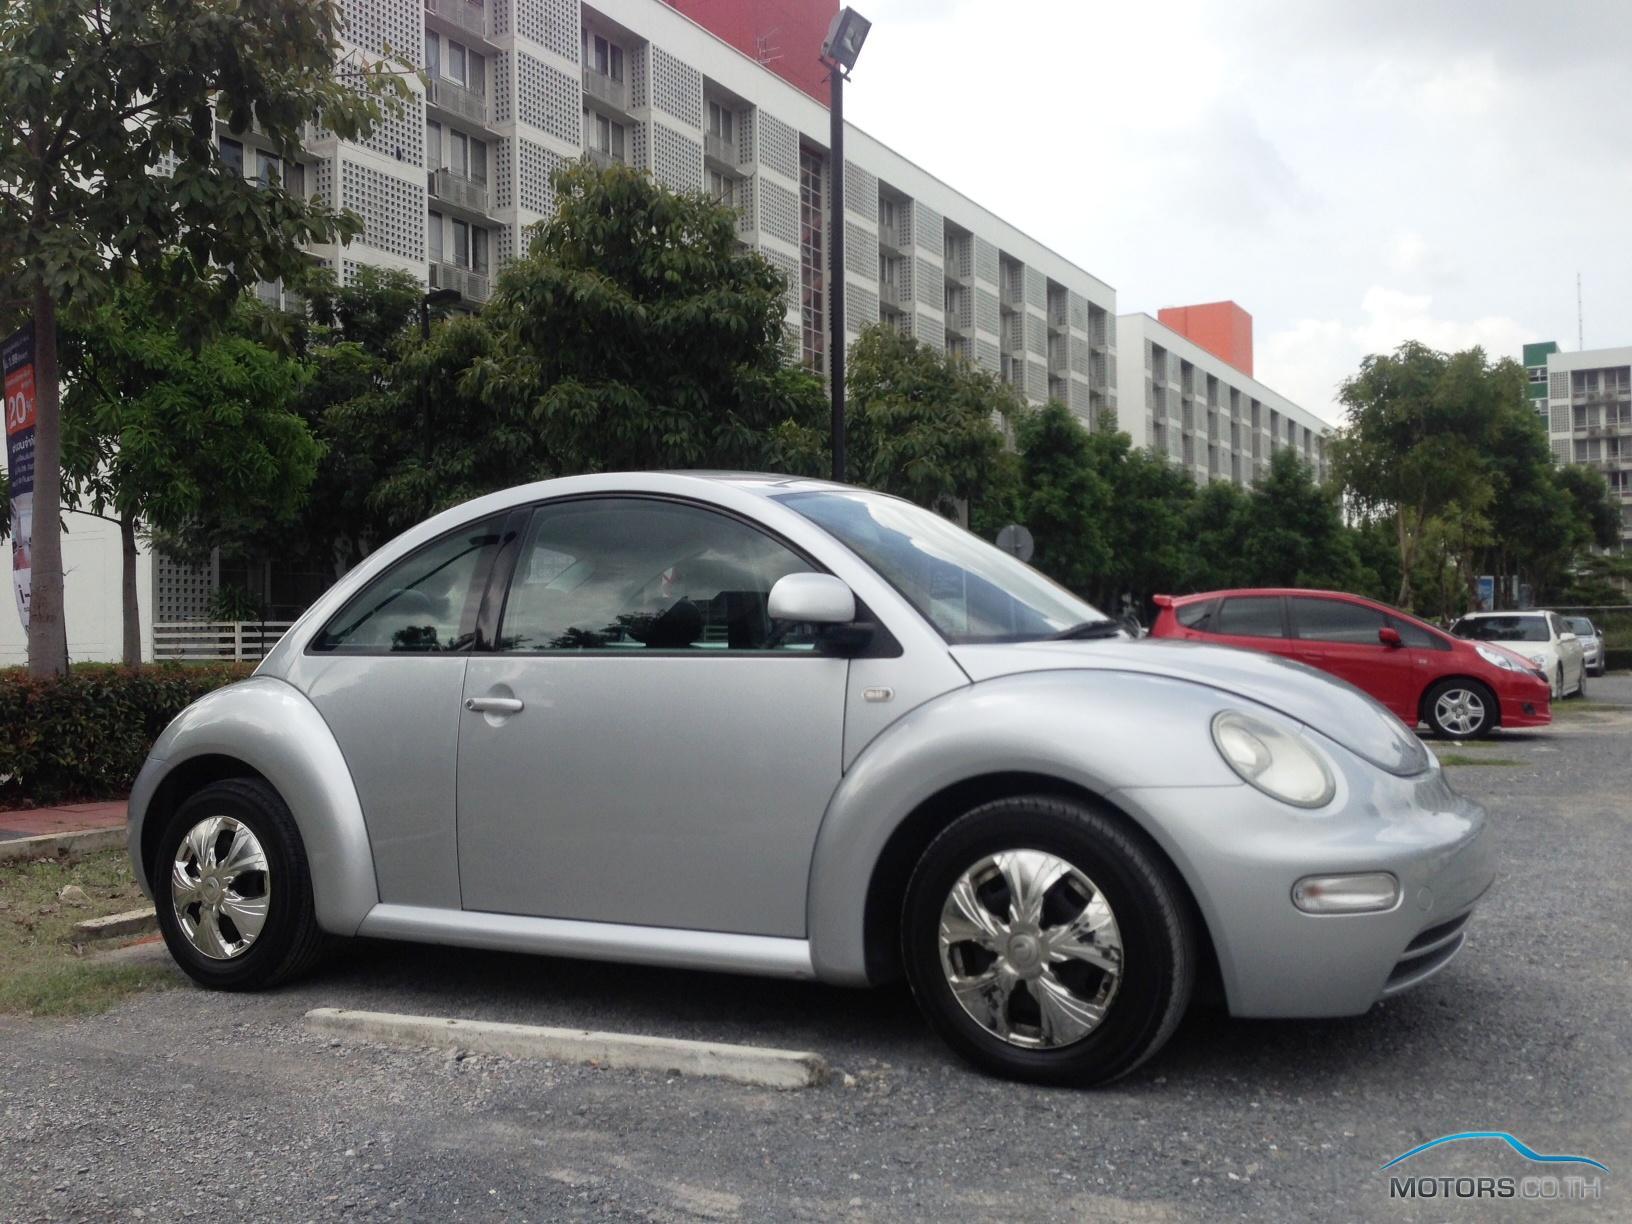 รถมือสอง, รถยนต์มือสอง VOLKSWAGEN BEETLE (2002)